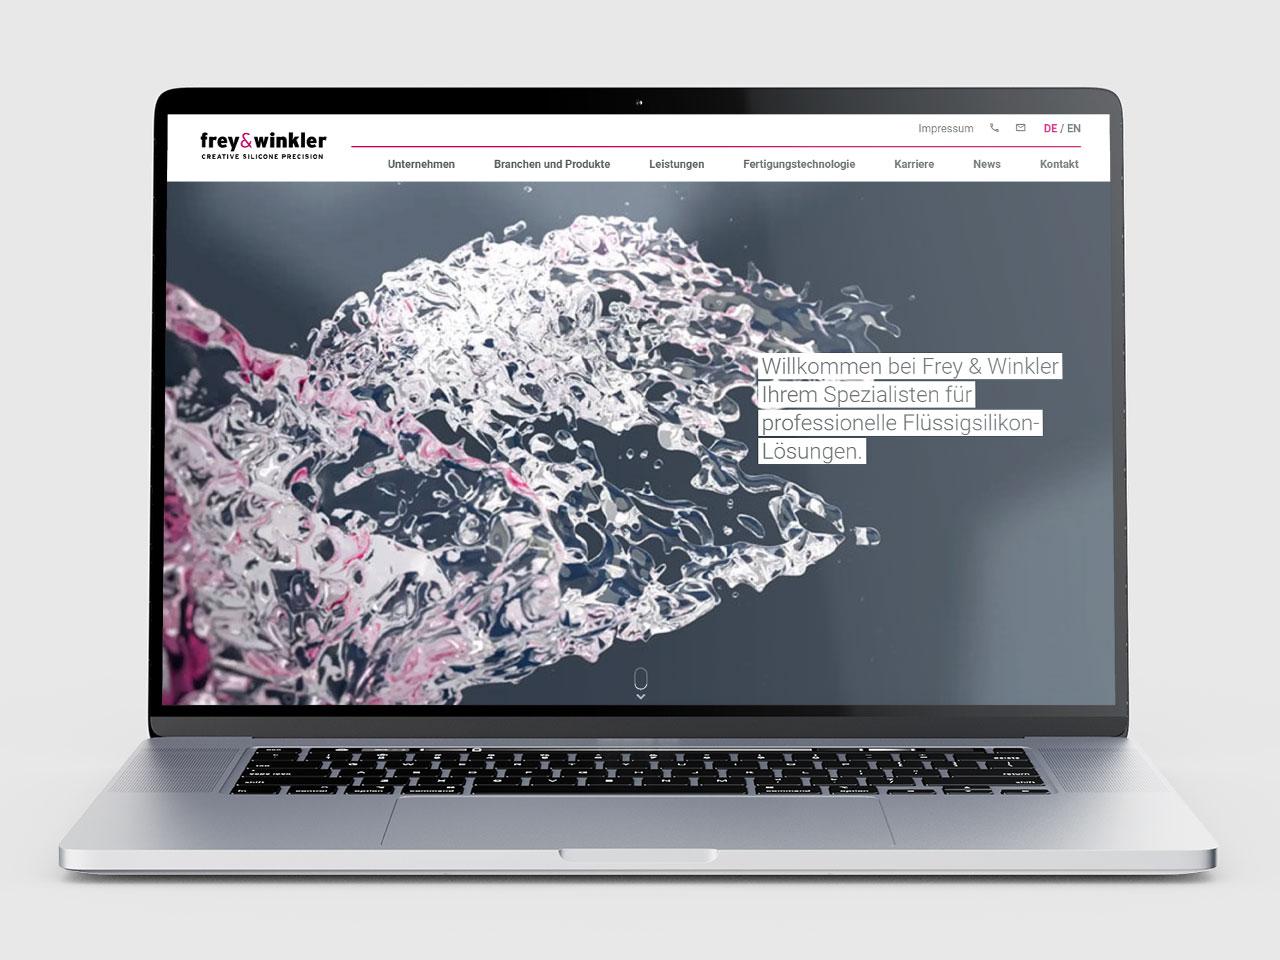 Frey & Winkler realisiert mit flowbridge, Unternehmensberatung und Werbeagentur, seinen neuen Internetauftritt.